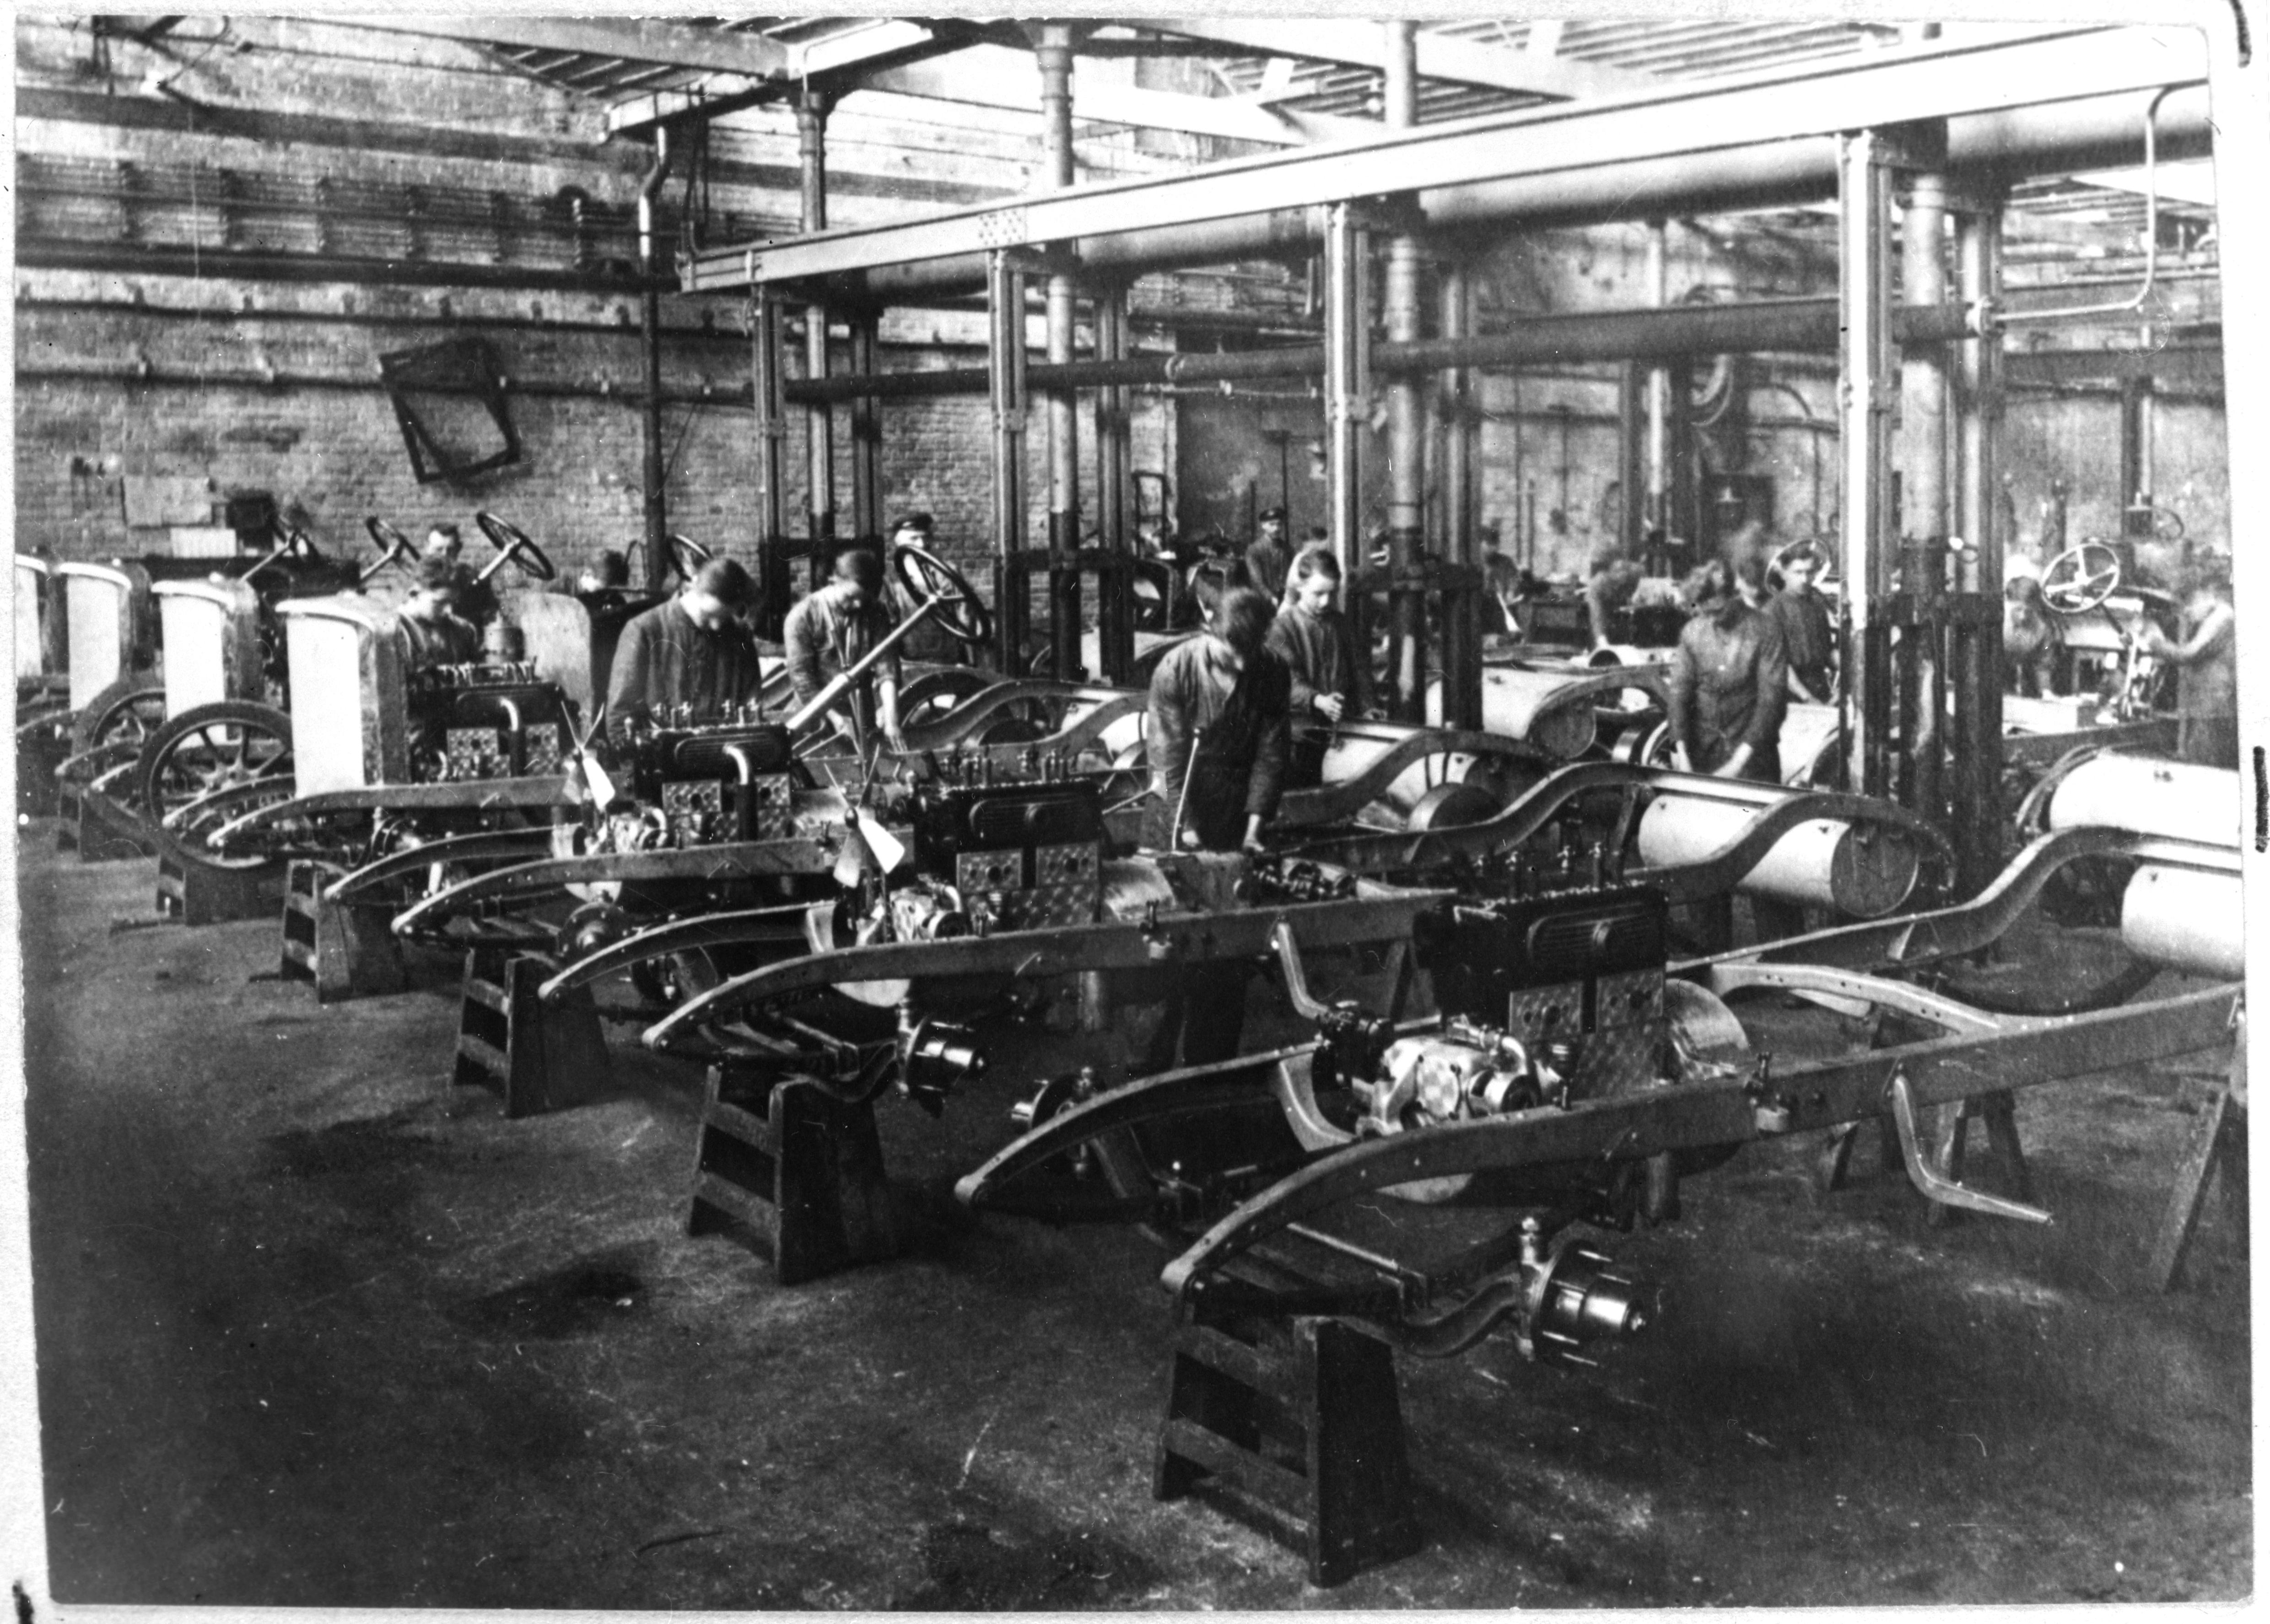 automobilmontage bei der firma opel in r sselsheim 1928. Black Bedroom Furniture Sets. Home Design Ideas